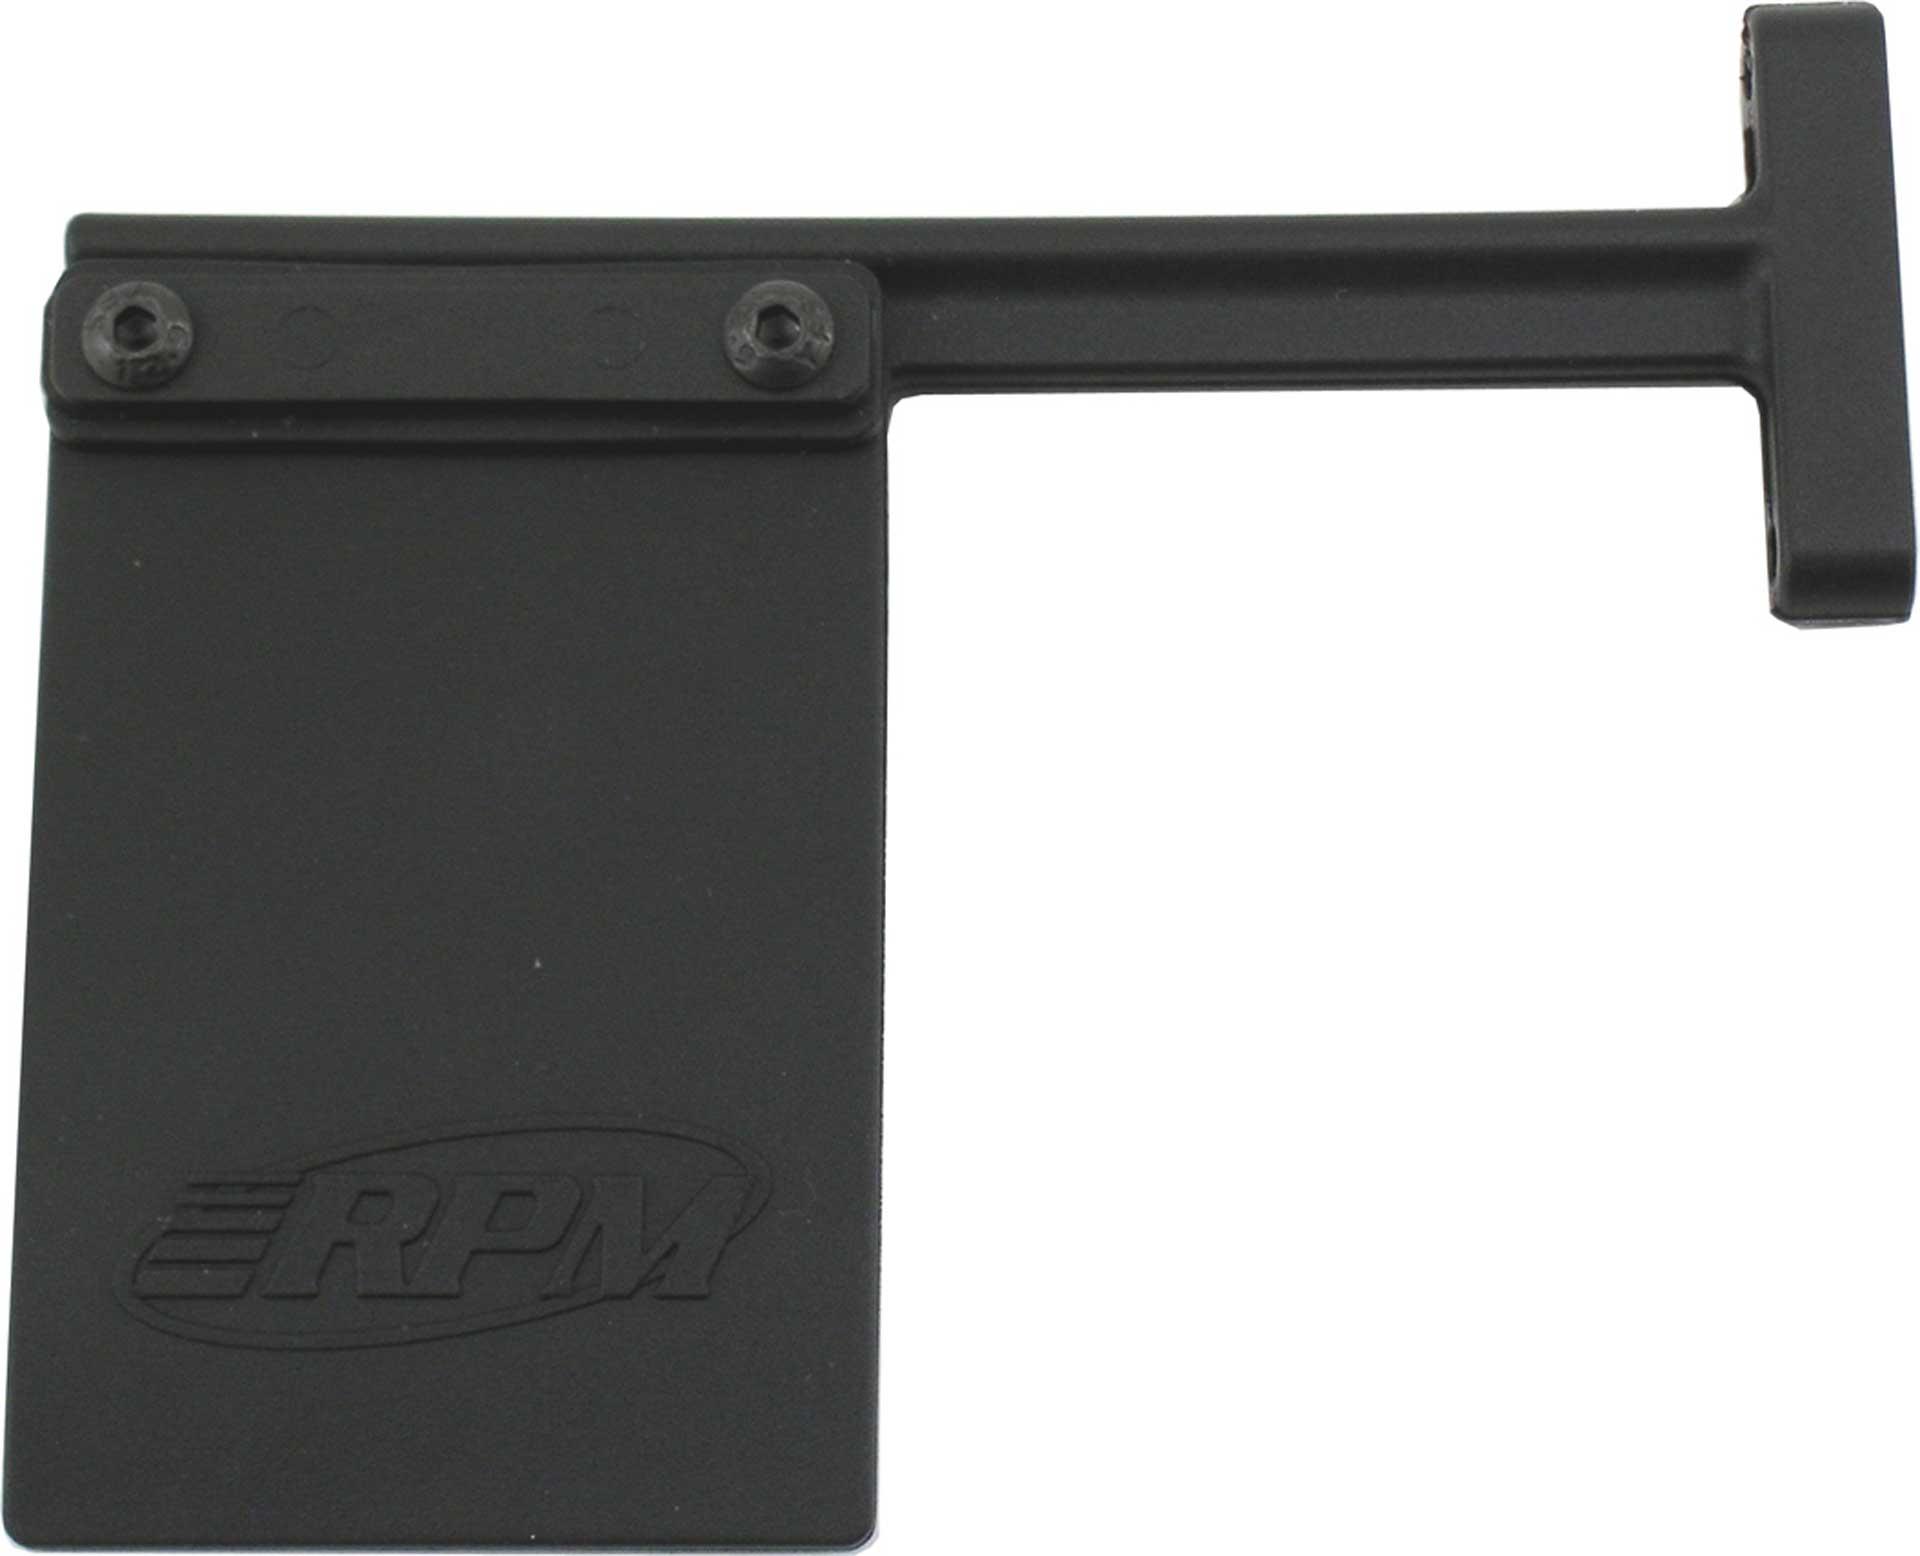 RPM SCHMUTZFÄNGER FÜR SLASH BUMPER (NUR IN VER BINDUNG MIT RPM80122/RPM80125/RPM80123)